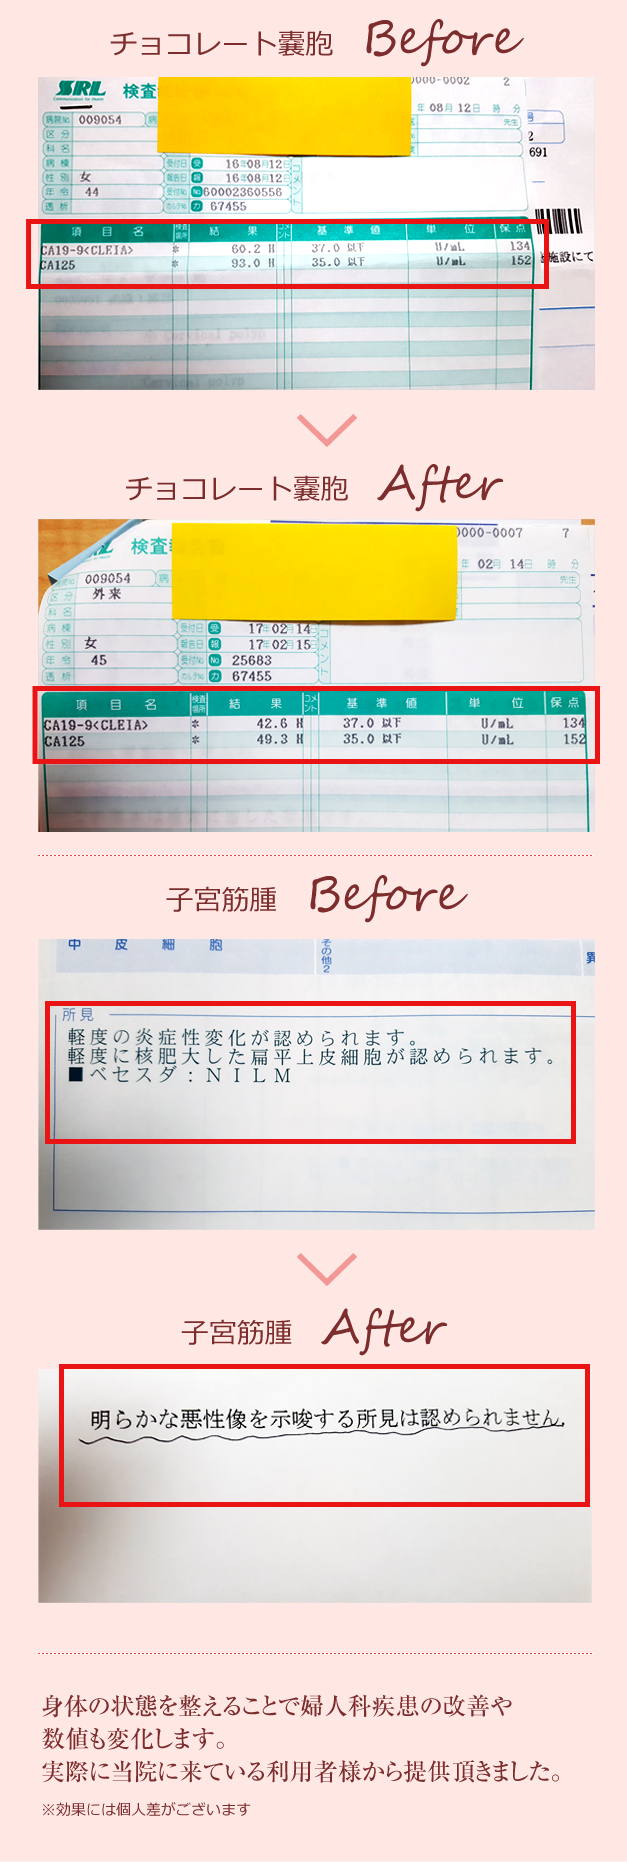 鍼灸でチョコレート嚢胞と子宮筋腫が改善された1例